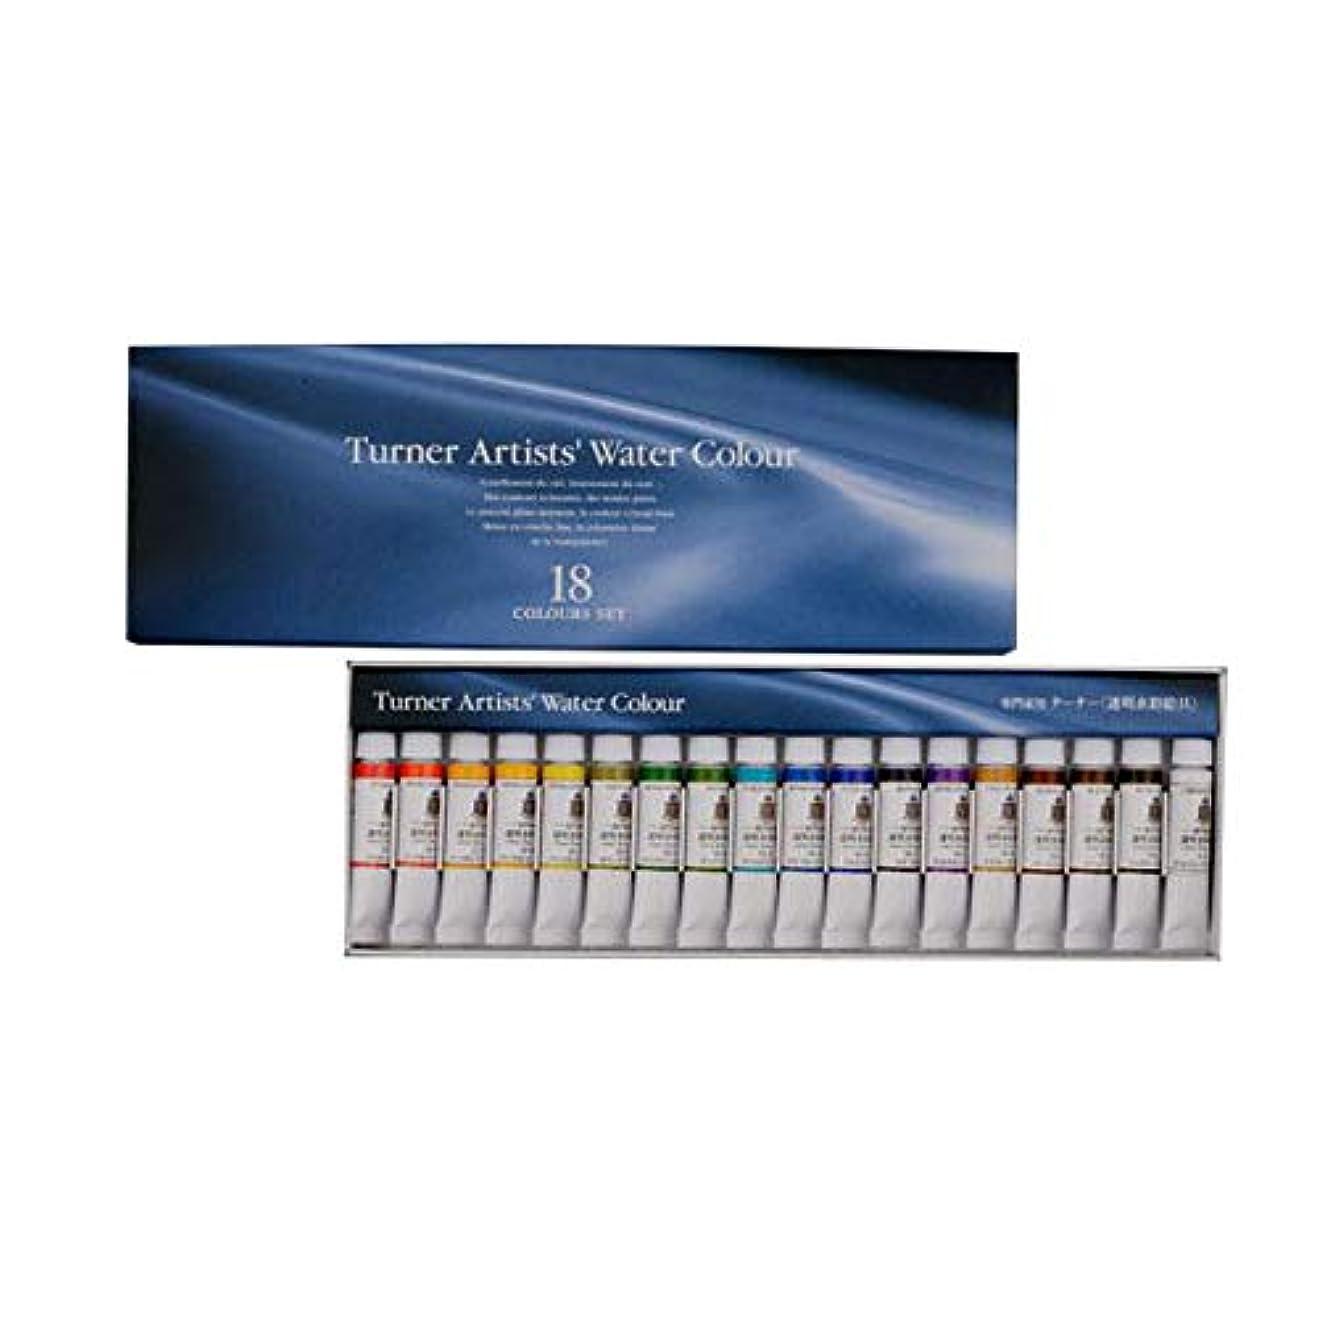 四面体嘆く時期尚早美しい色合い、透き通るような透明感! ターナー色彩 WT00518C 専門家用透明水彩絵具 5mlチューブ入り 18色セット 〈簡易梱包